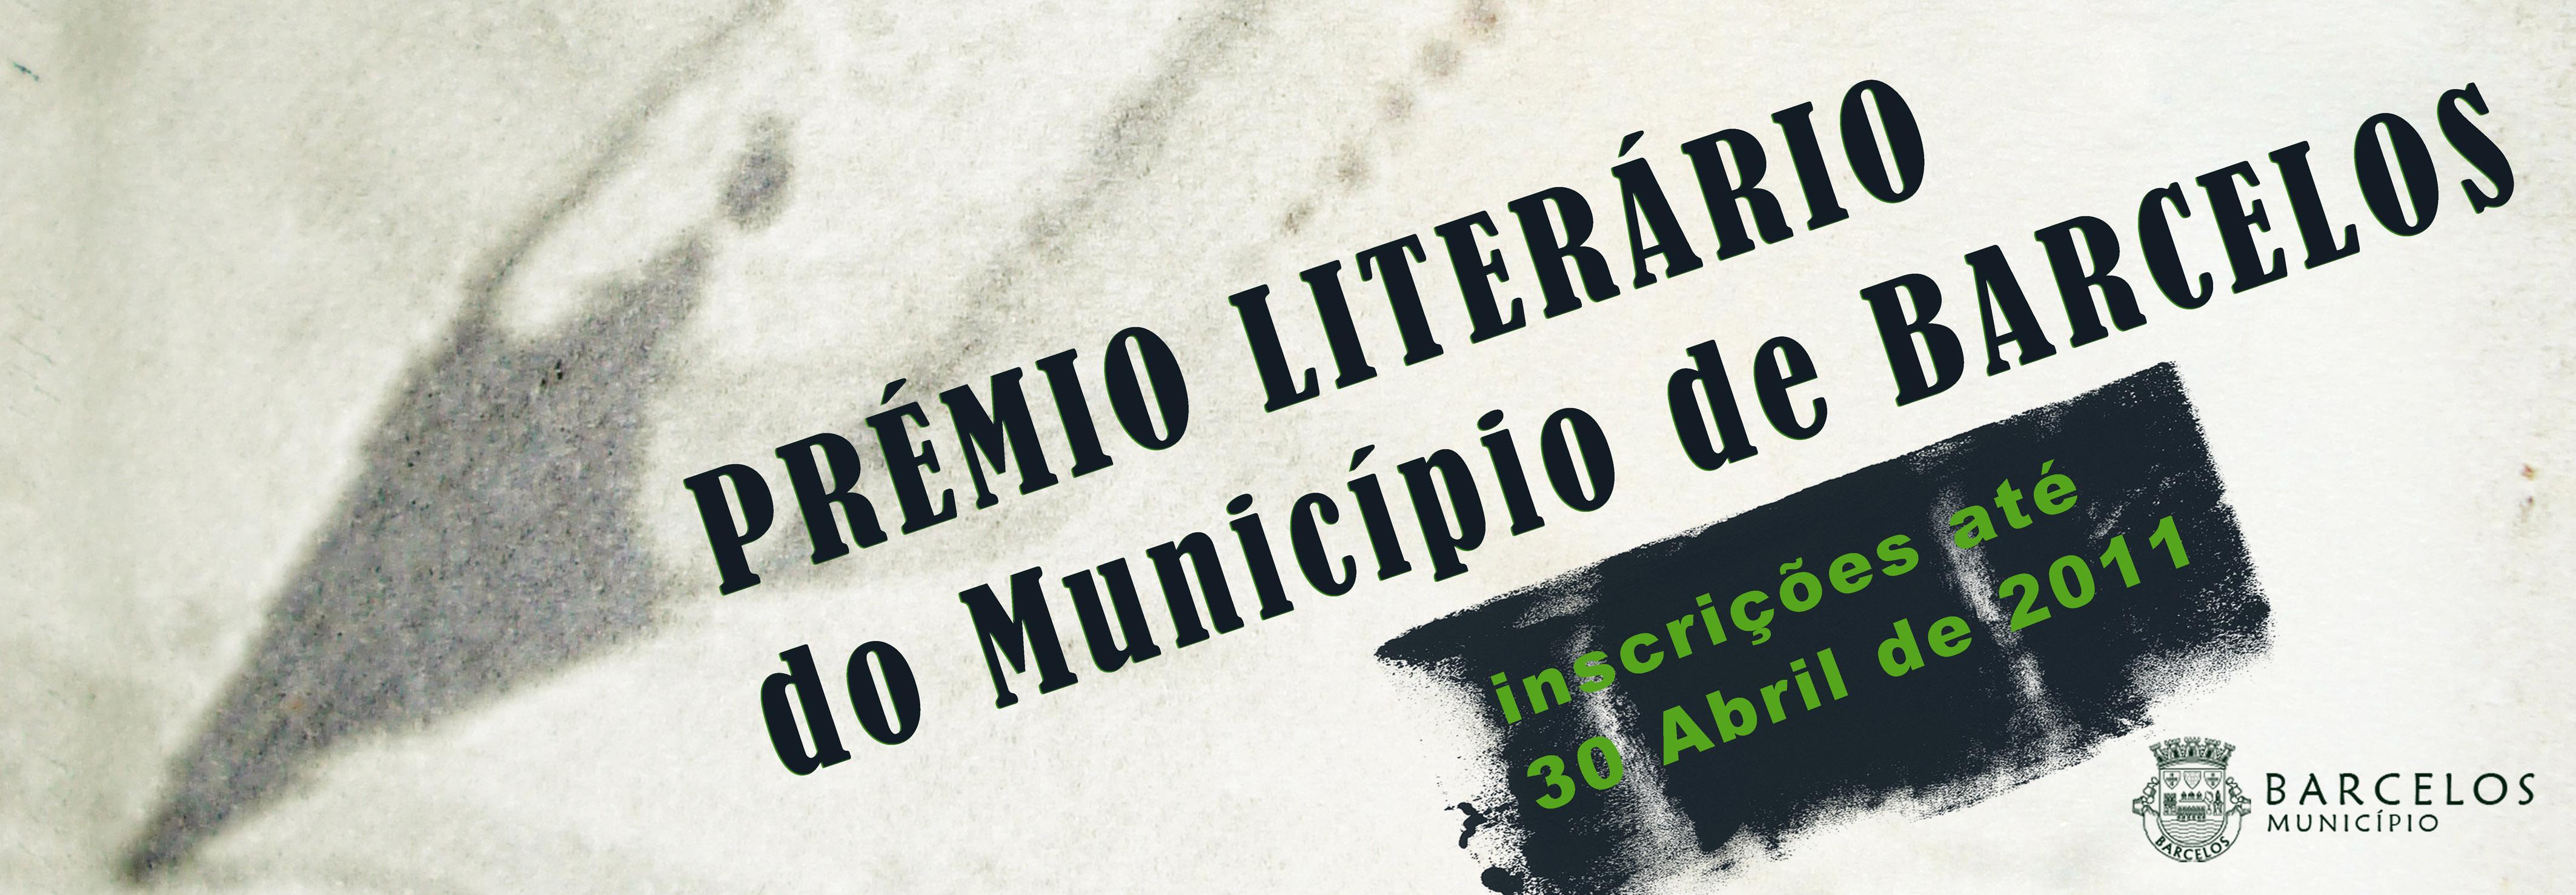 Abertas as inscrições para o Prémio Literário do Município de Barcelos